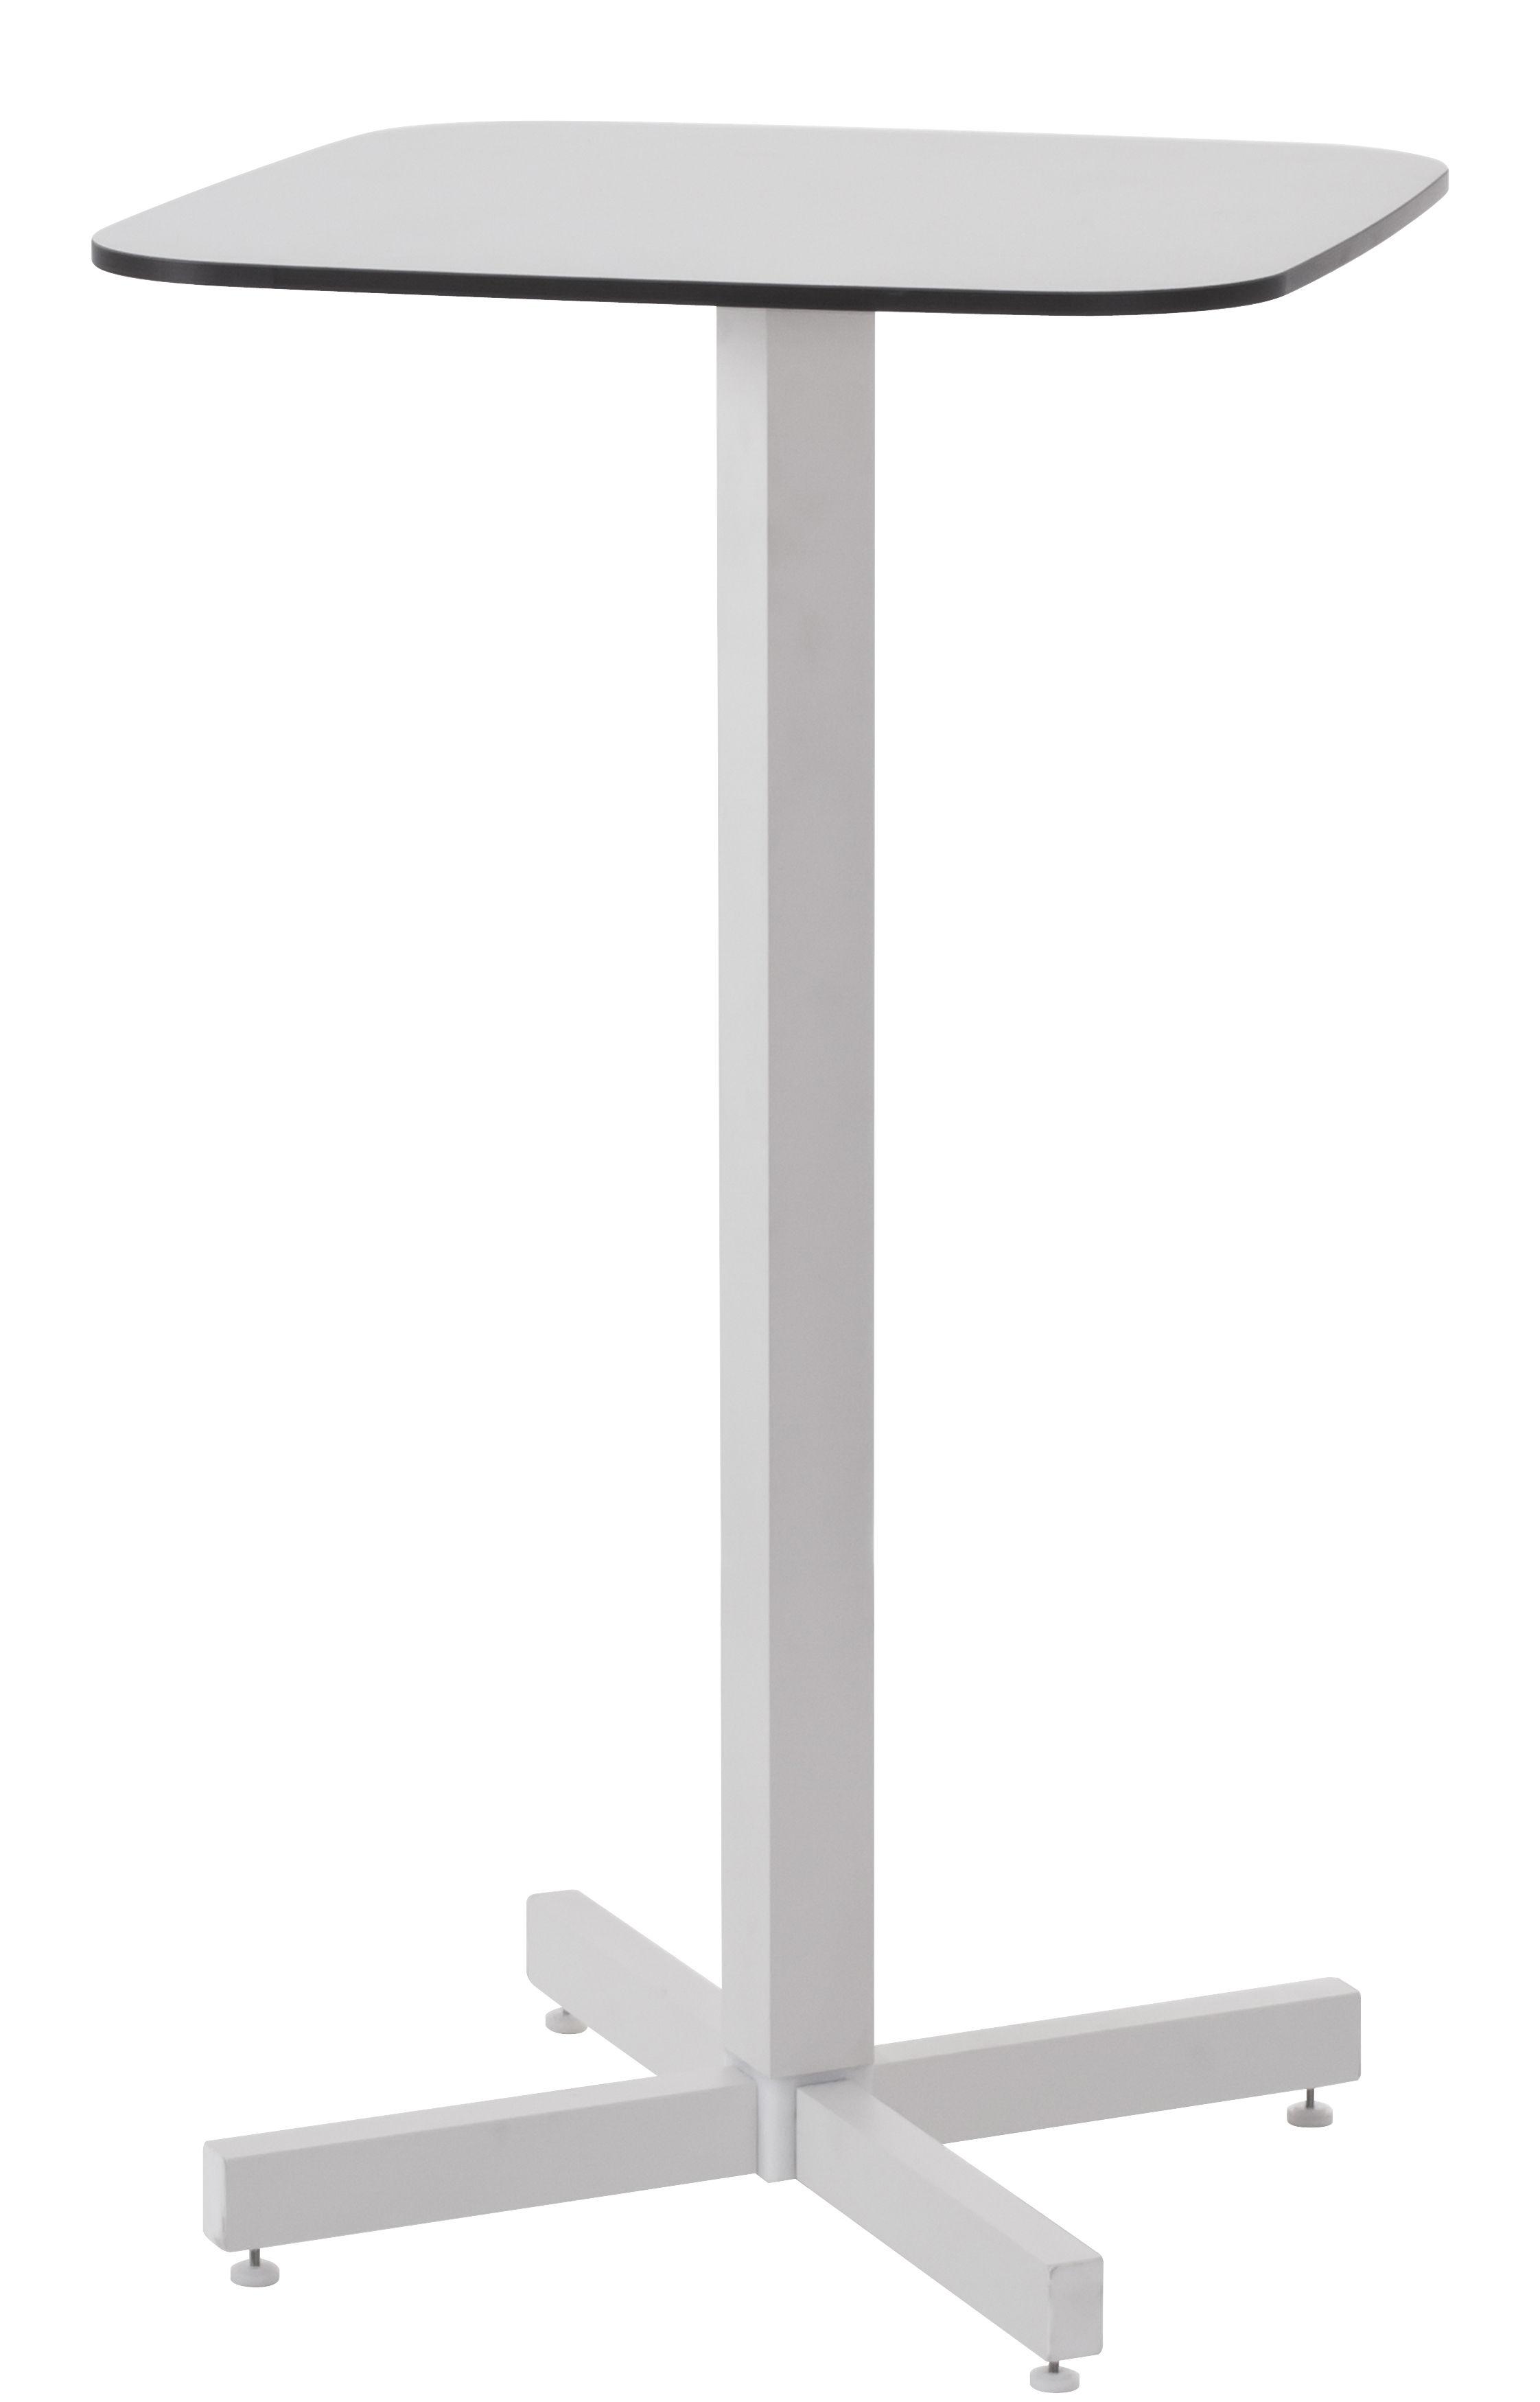 Möbel - Stehtische und Bars - Shine Stehtisch / H 105 cm - Emu - Weiß - HPL, klarlackbeschichtetes Aluminium